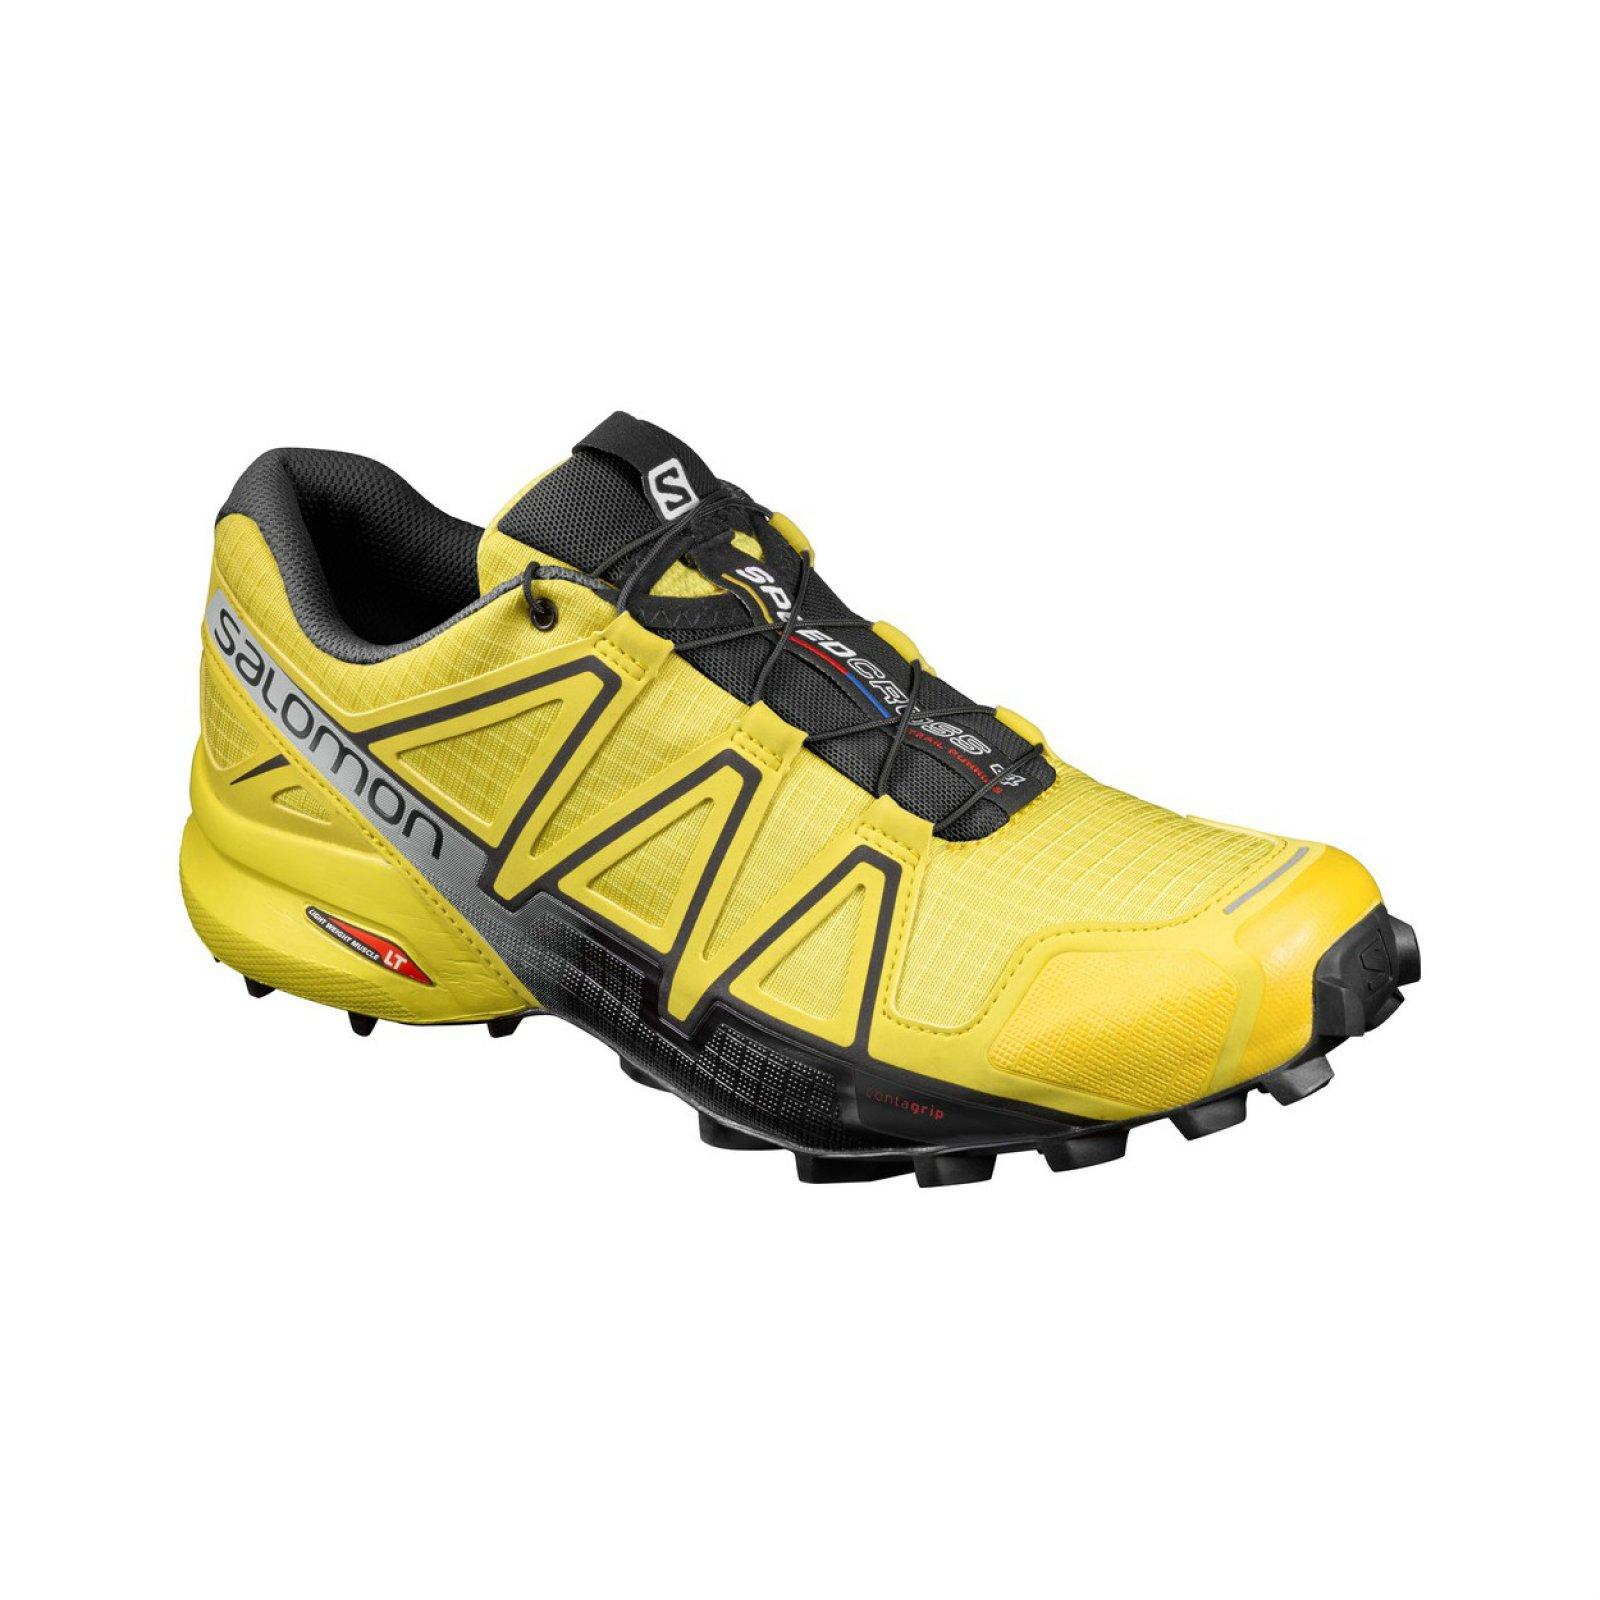 Trailové běžecké boty Salomon Speedcross 4 L39240000 - Actisport.cz 0e37a02202